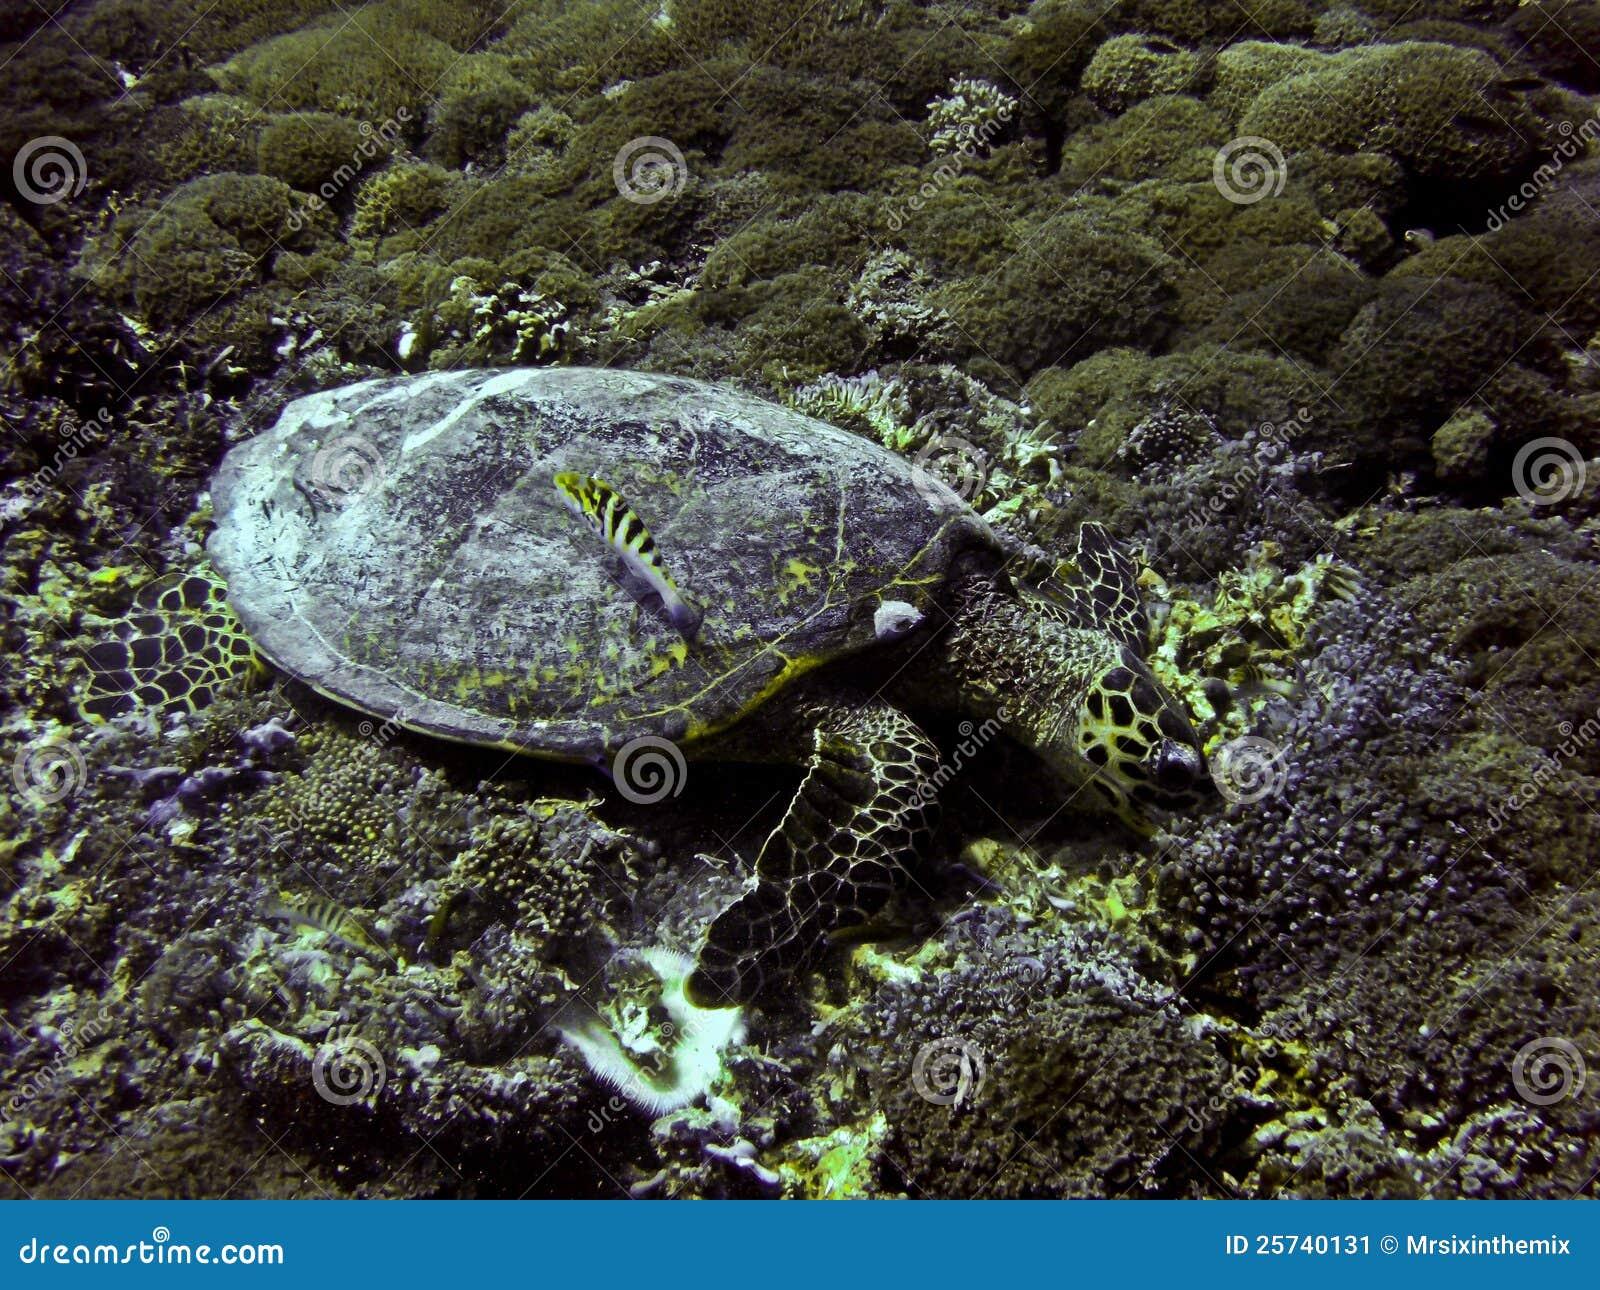 Green sea turtle underwater on Gili Trawangan